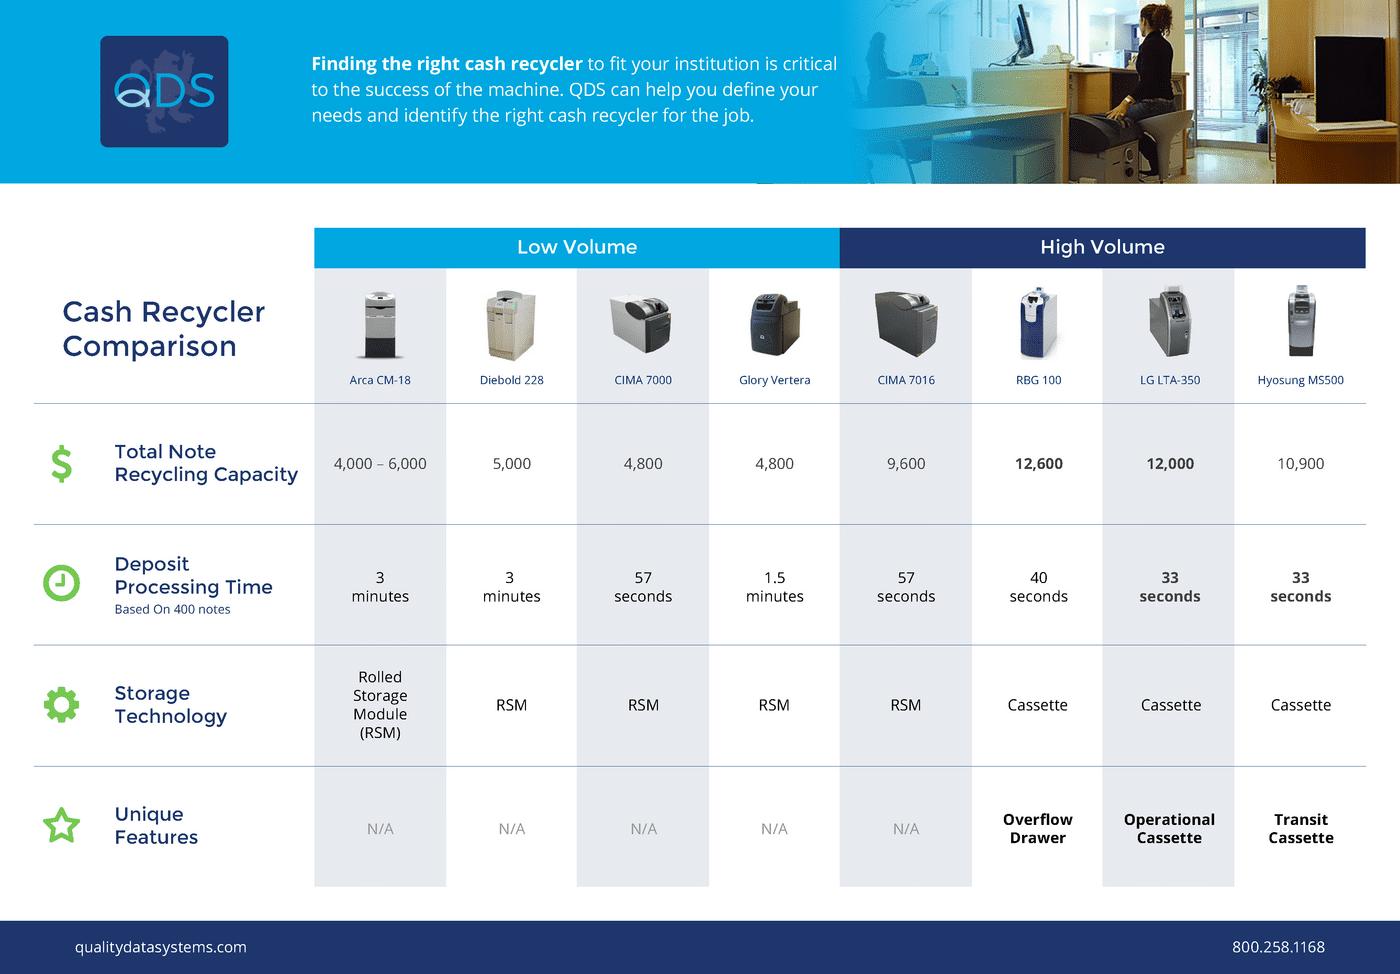 QDS Cash Recycler Comparison